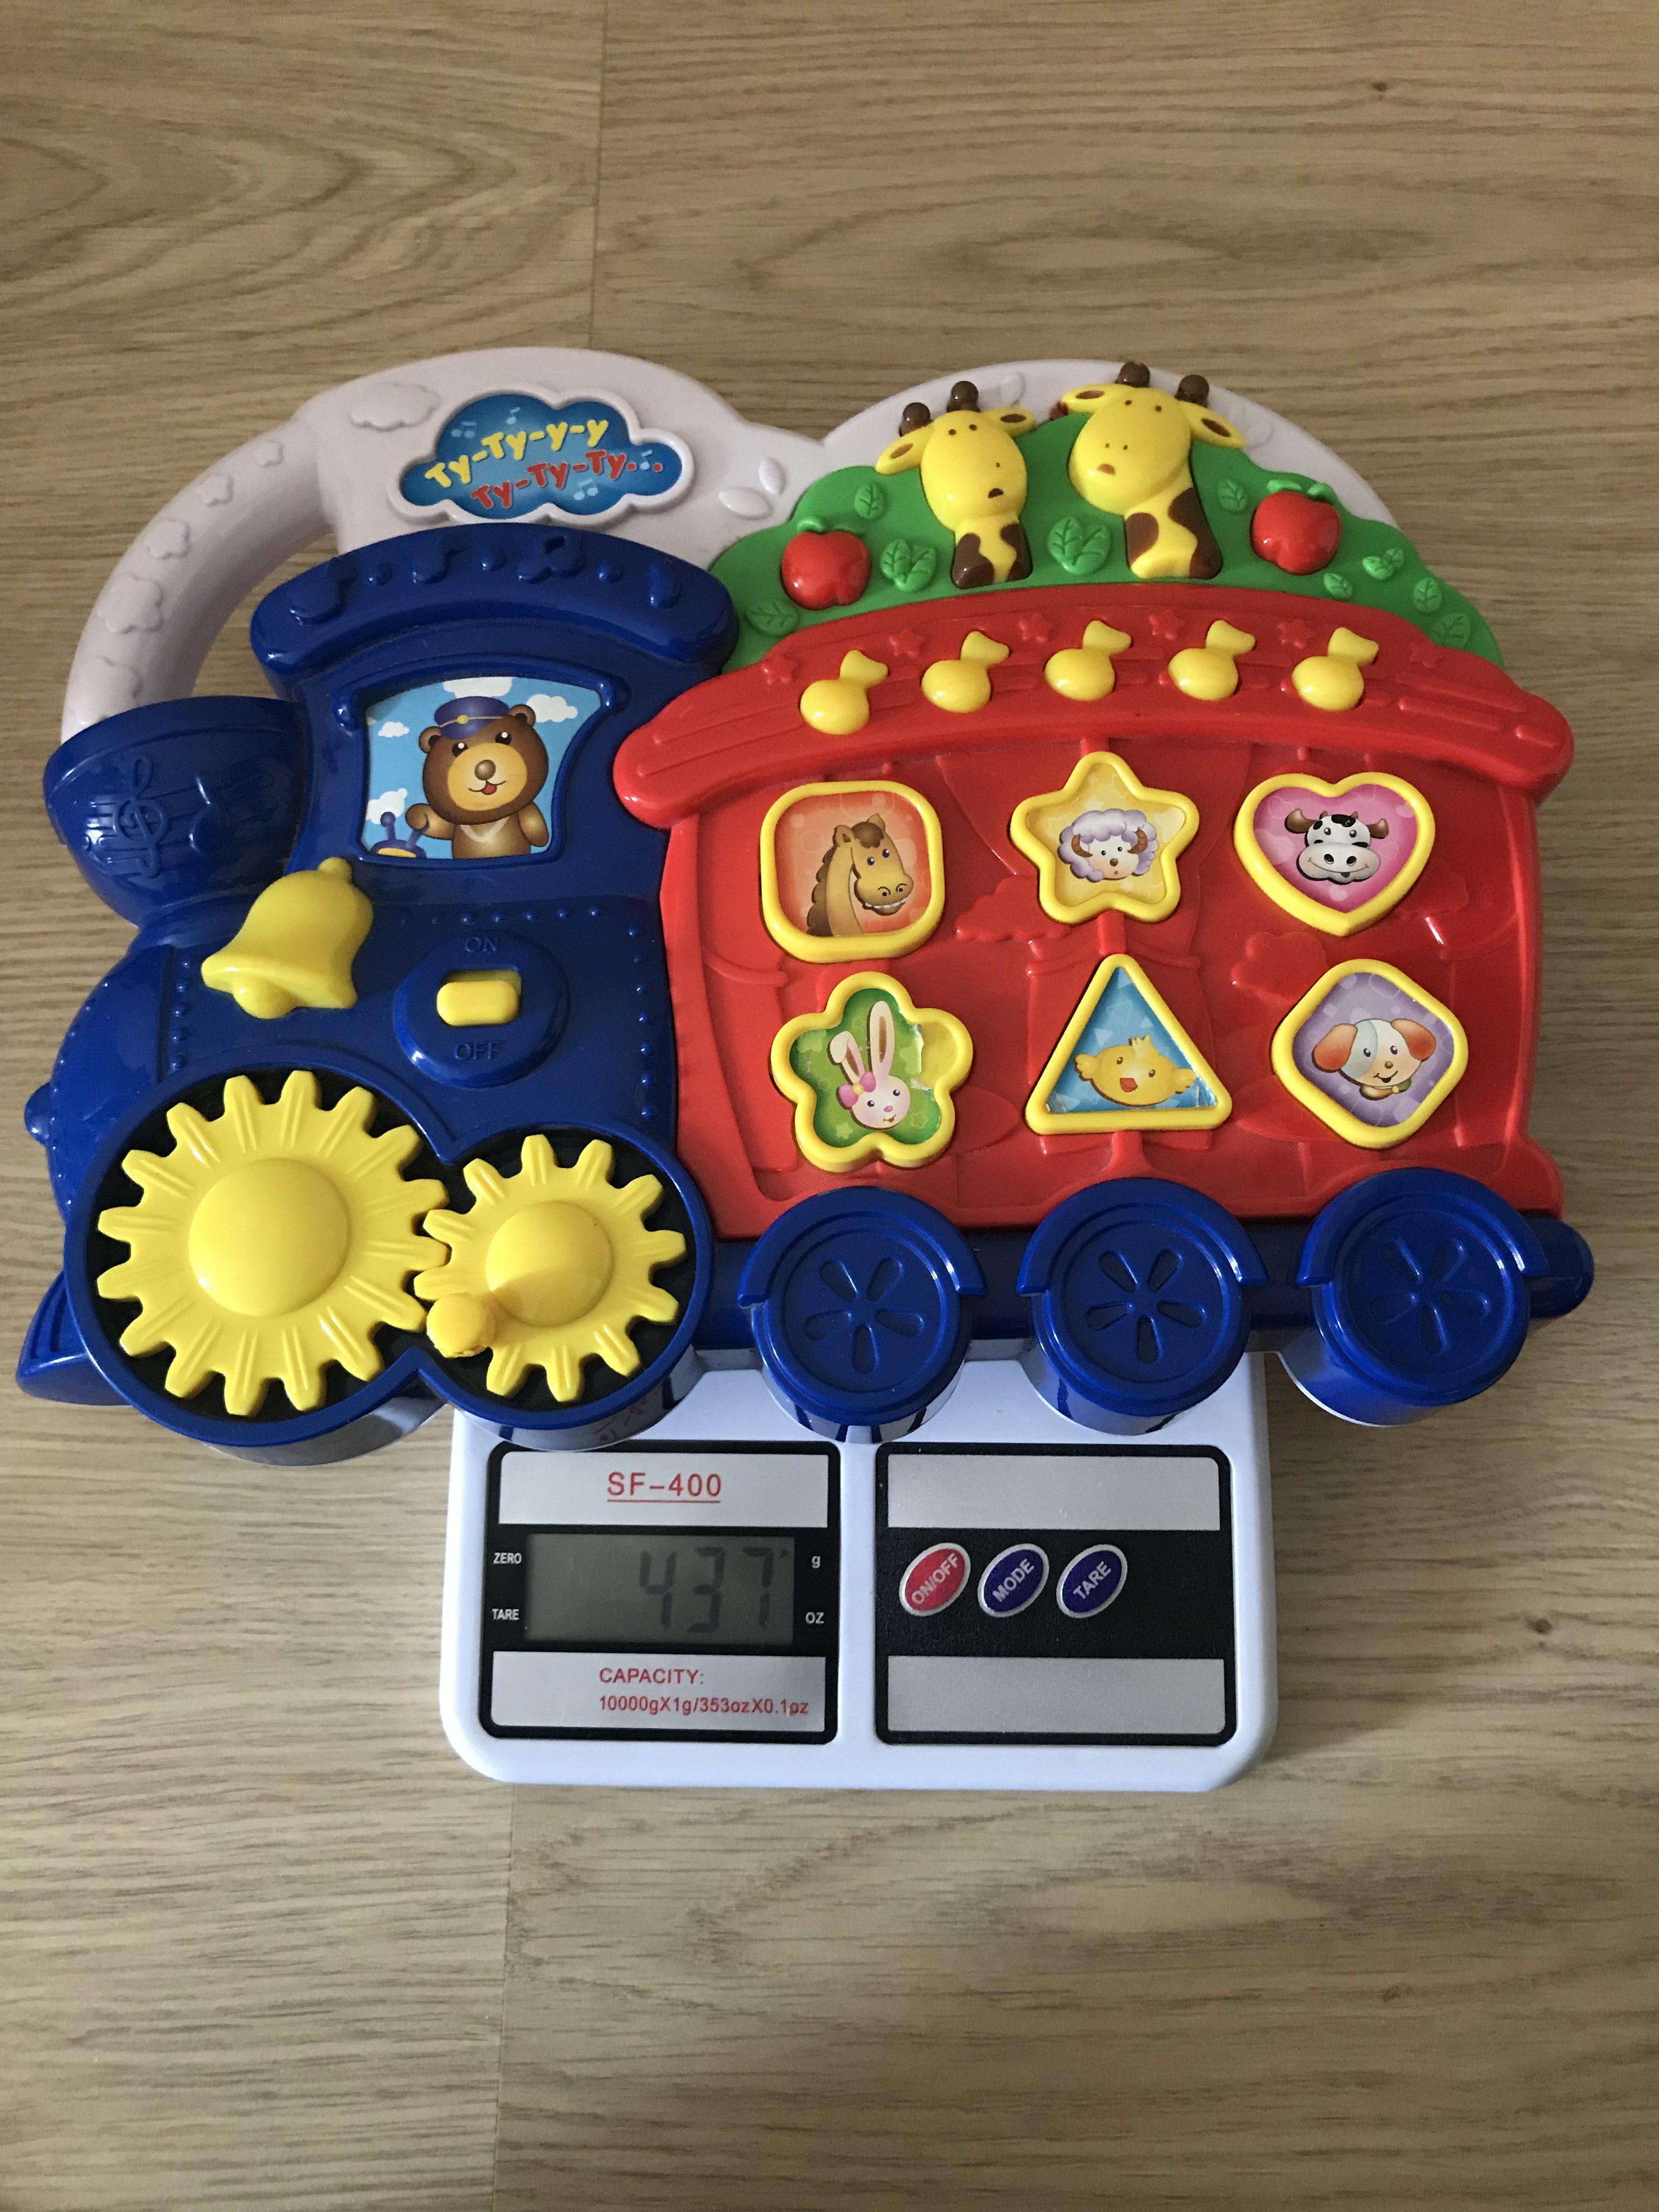 вес детской музыкальной игрушки (без батареек)